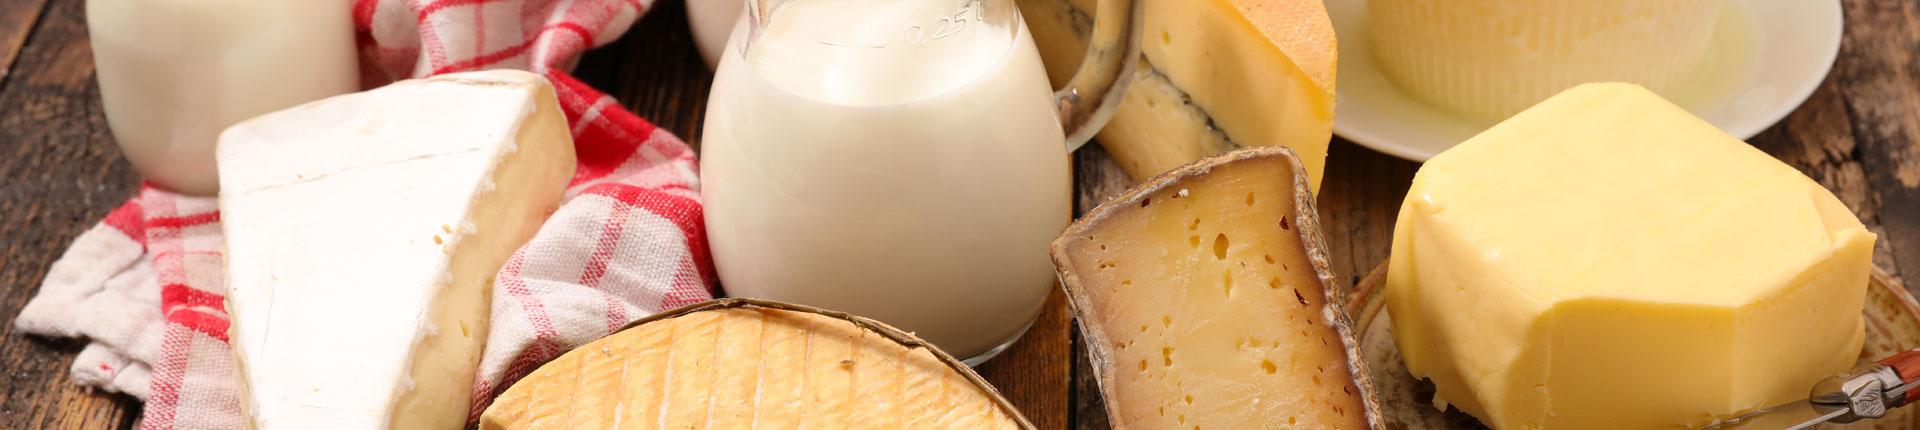 Dobre i złe produkty żywnościowe - nabiał, olej kokosowy, kawa i inne